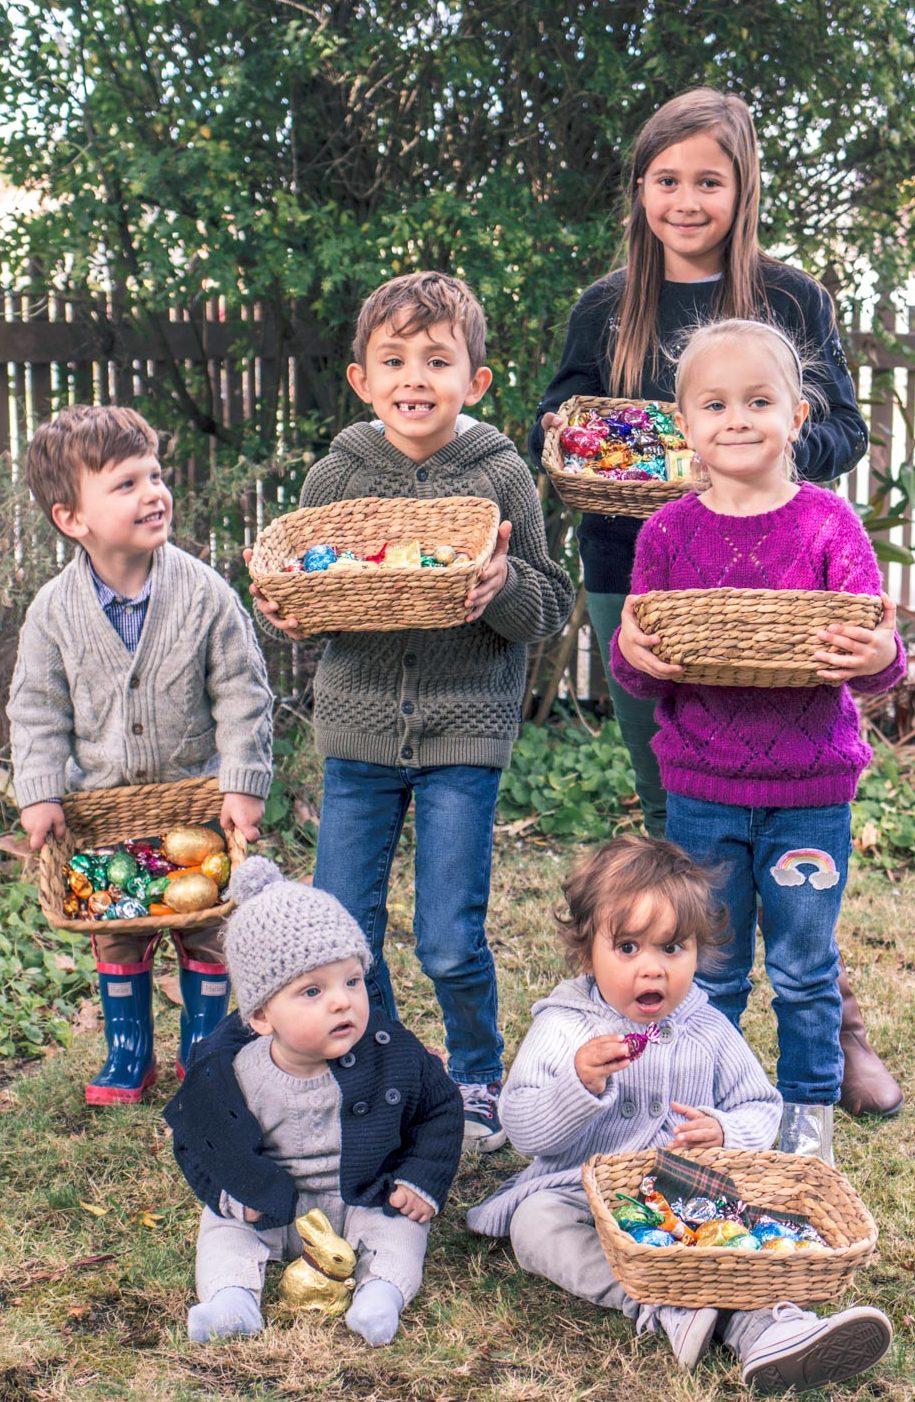 Children holding baskets at Autumn Easter Egg Hunt in Australia